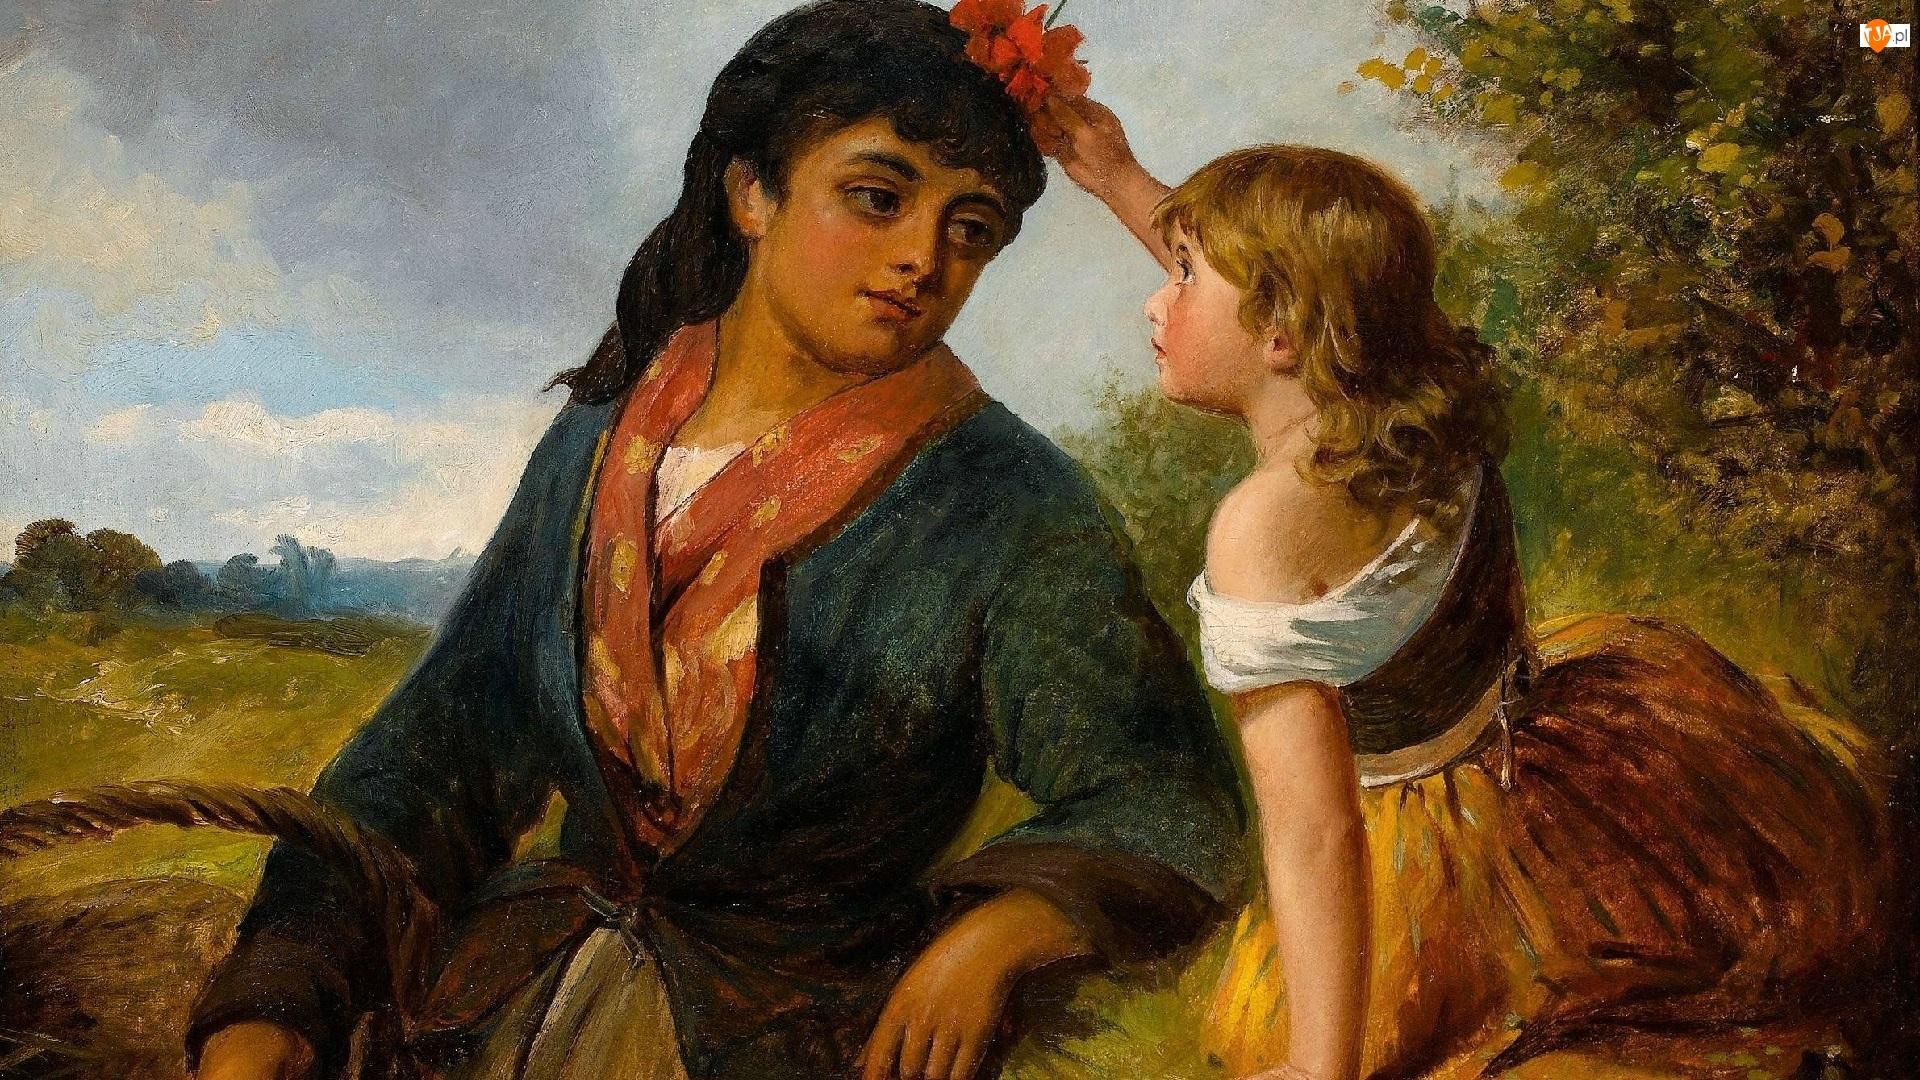 Dziecko, Mama, Reprodukcja obrazu, Córka, Kobieta